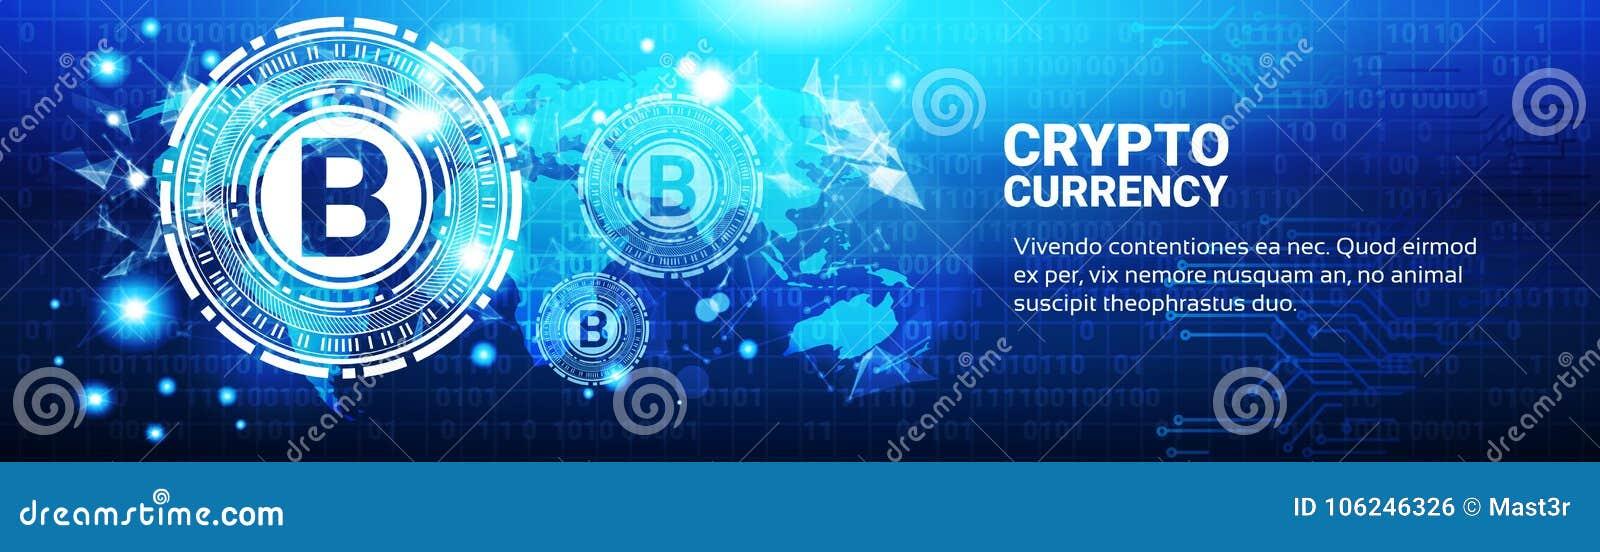 Schlüsselwährungs-Konzept Bitcoin-Zeichen auf blauer Weltkarte